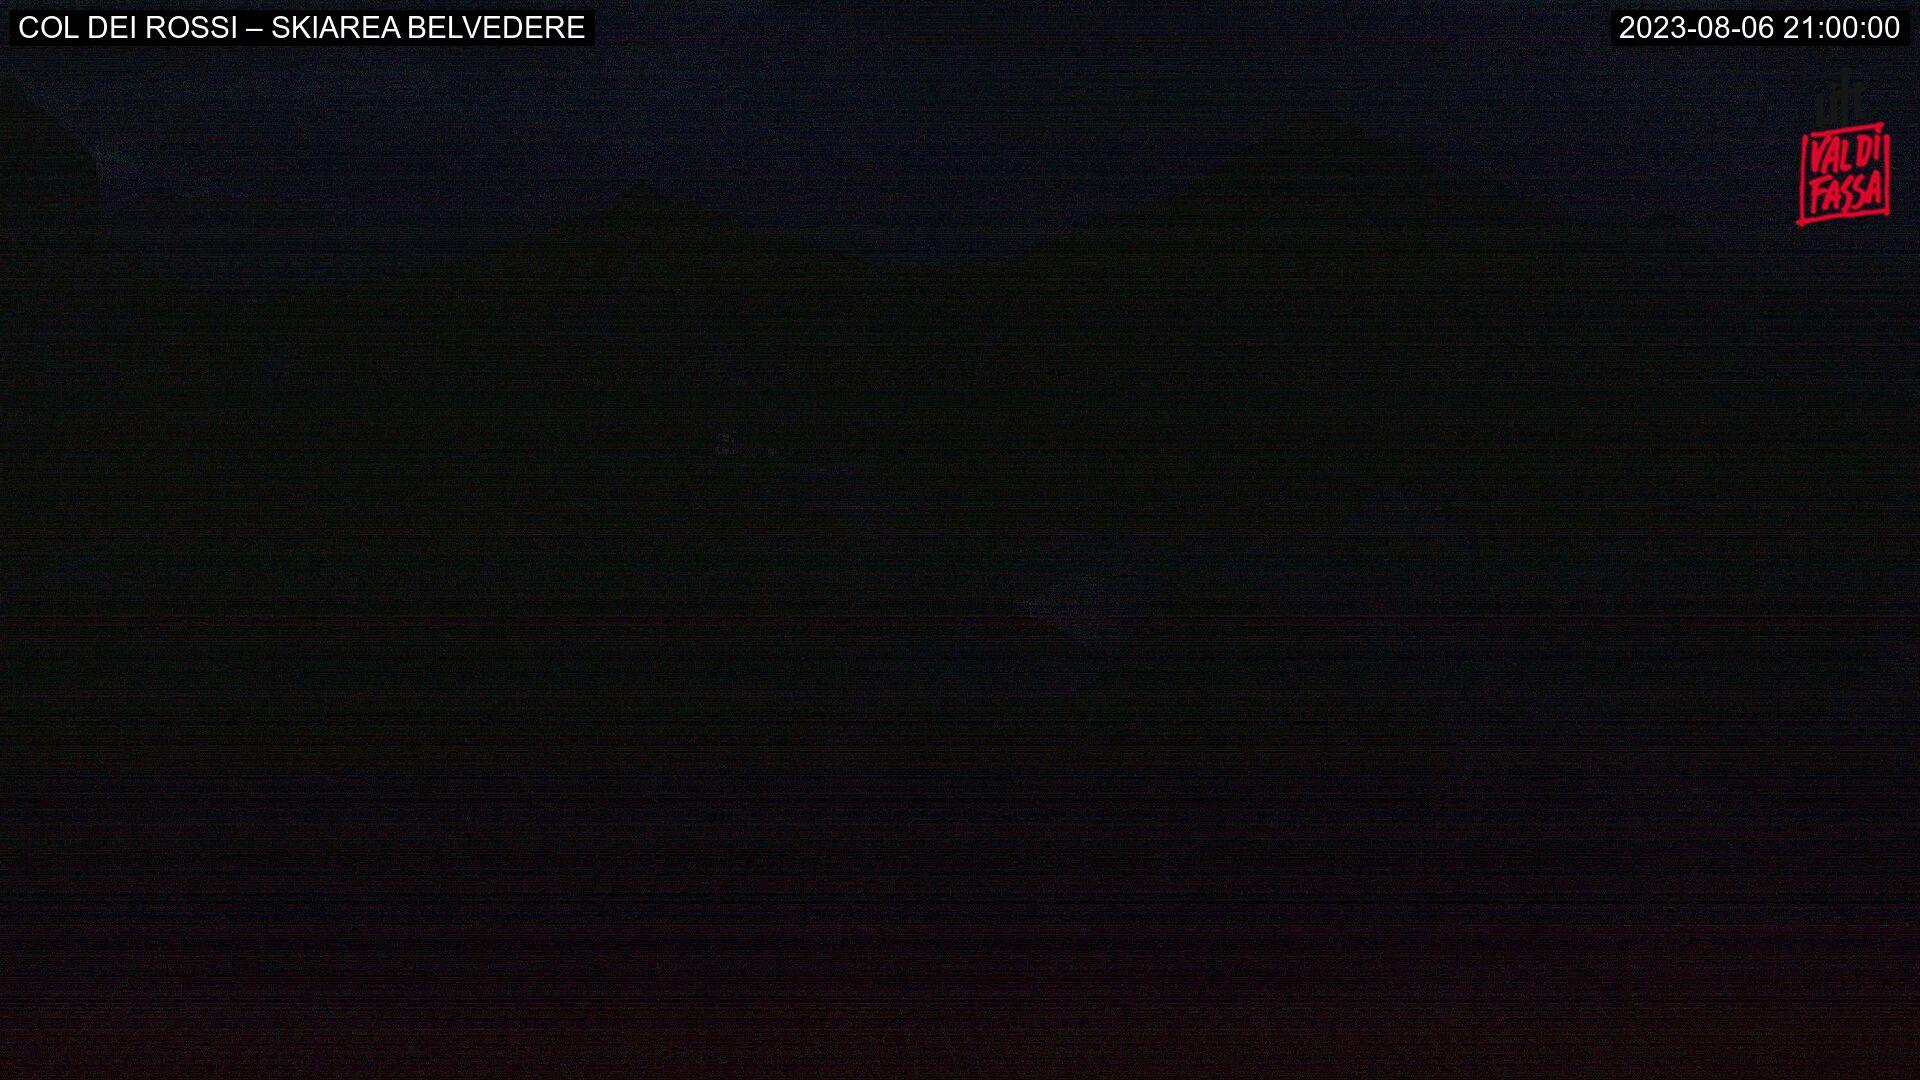 webcam Webcam Neve Val di Fassa